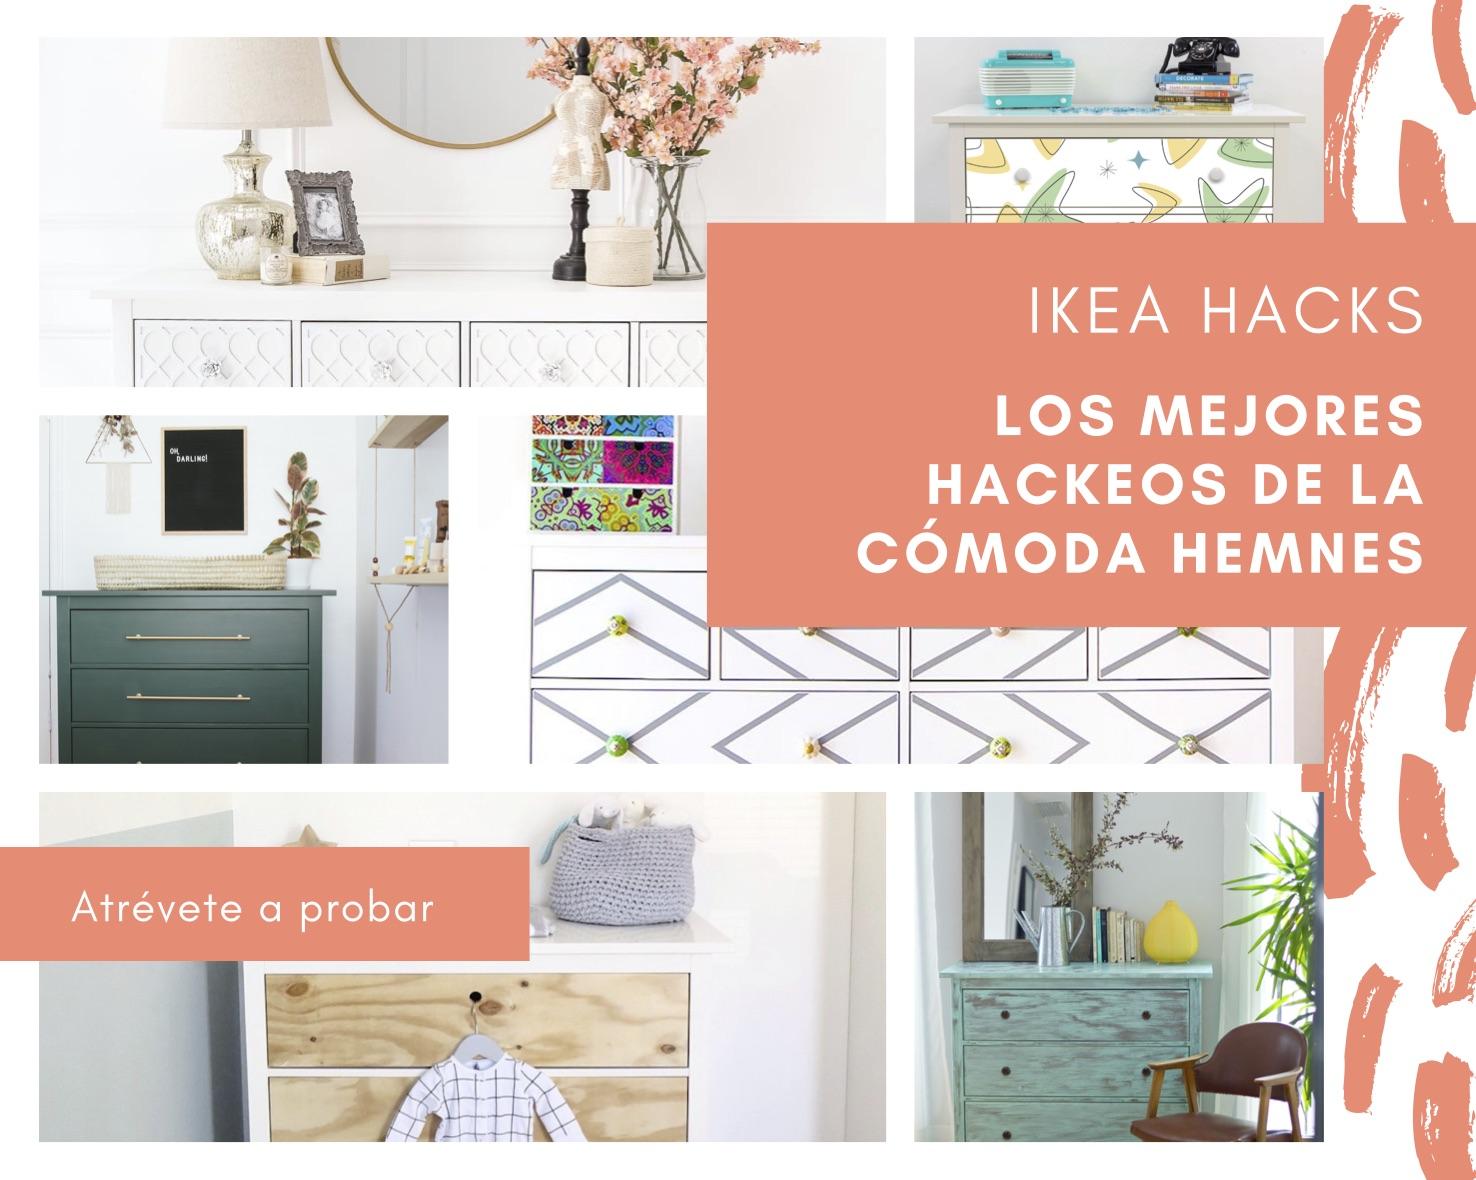 Los mejores hacks de IKEA para la cómoda HEMNES